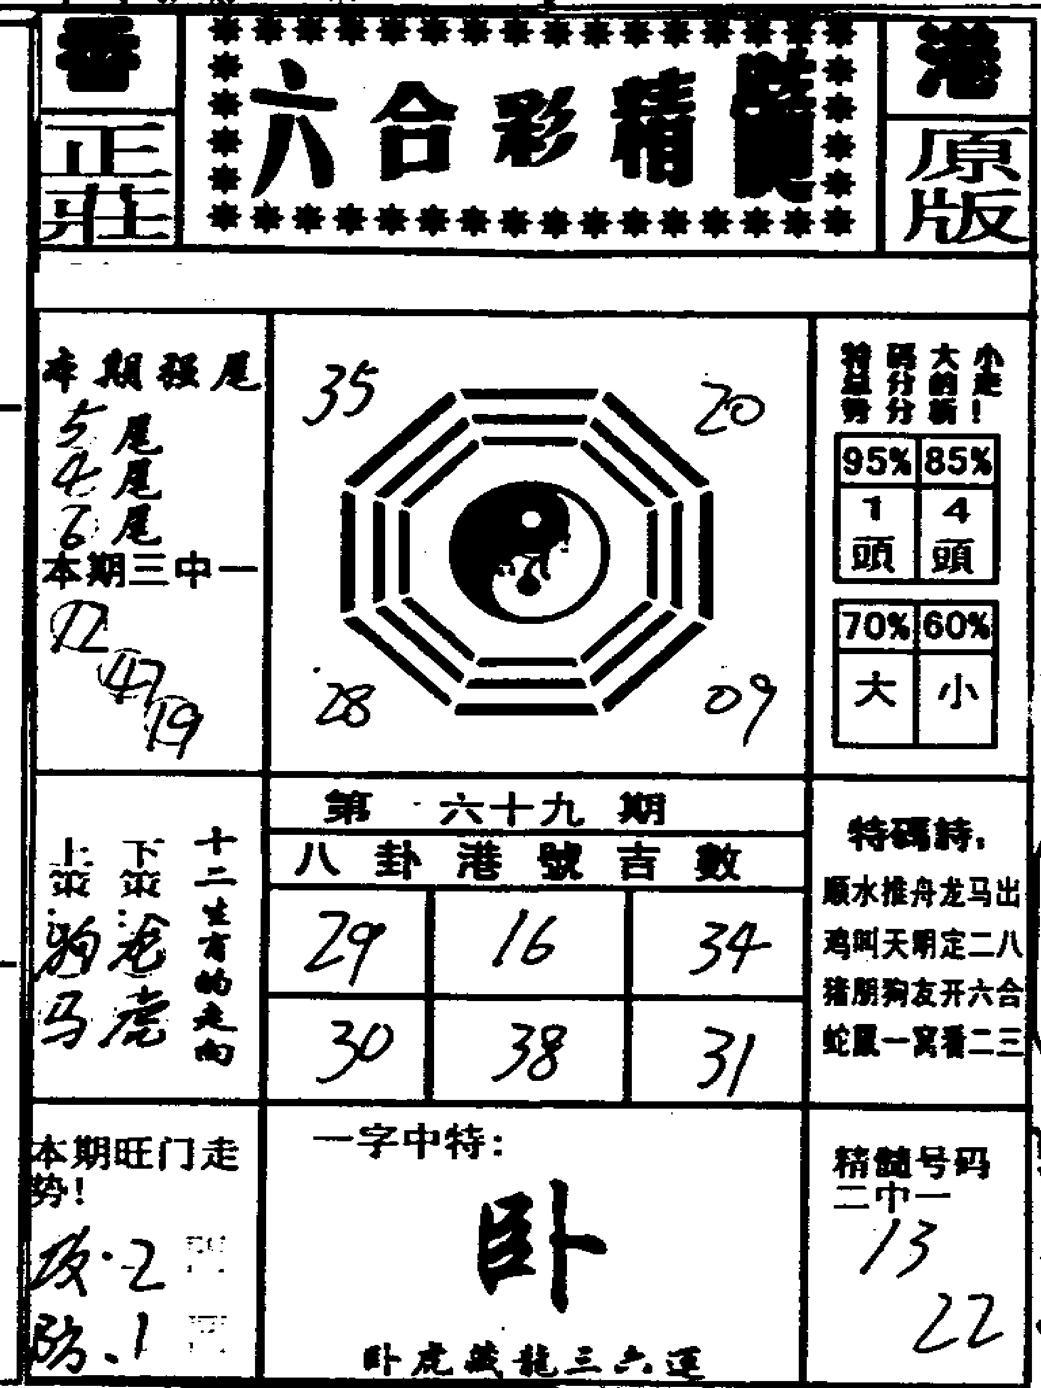 069期六合精髓(黑白)